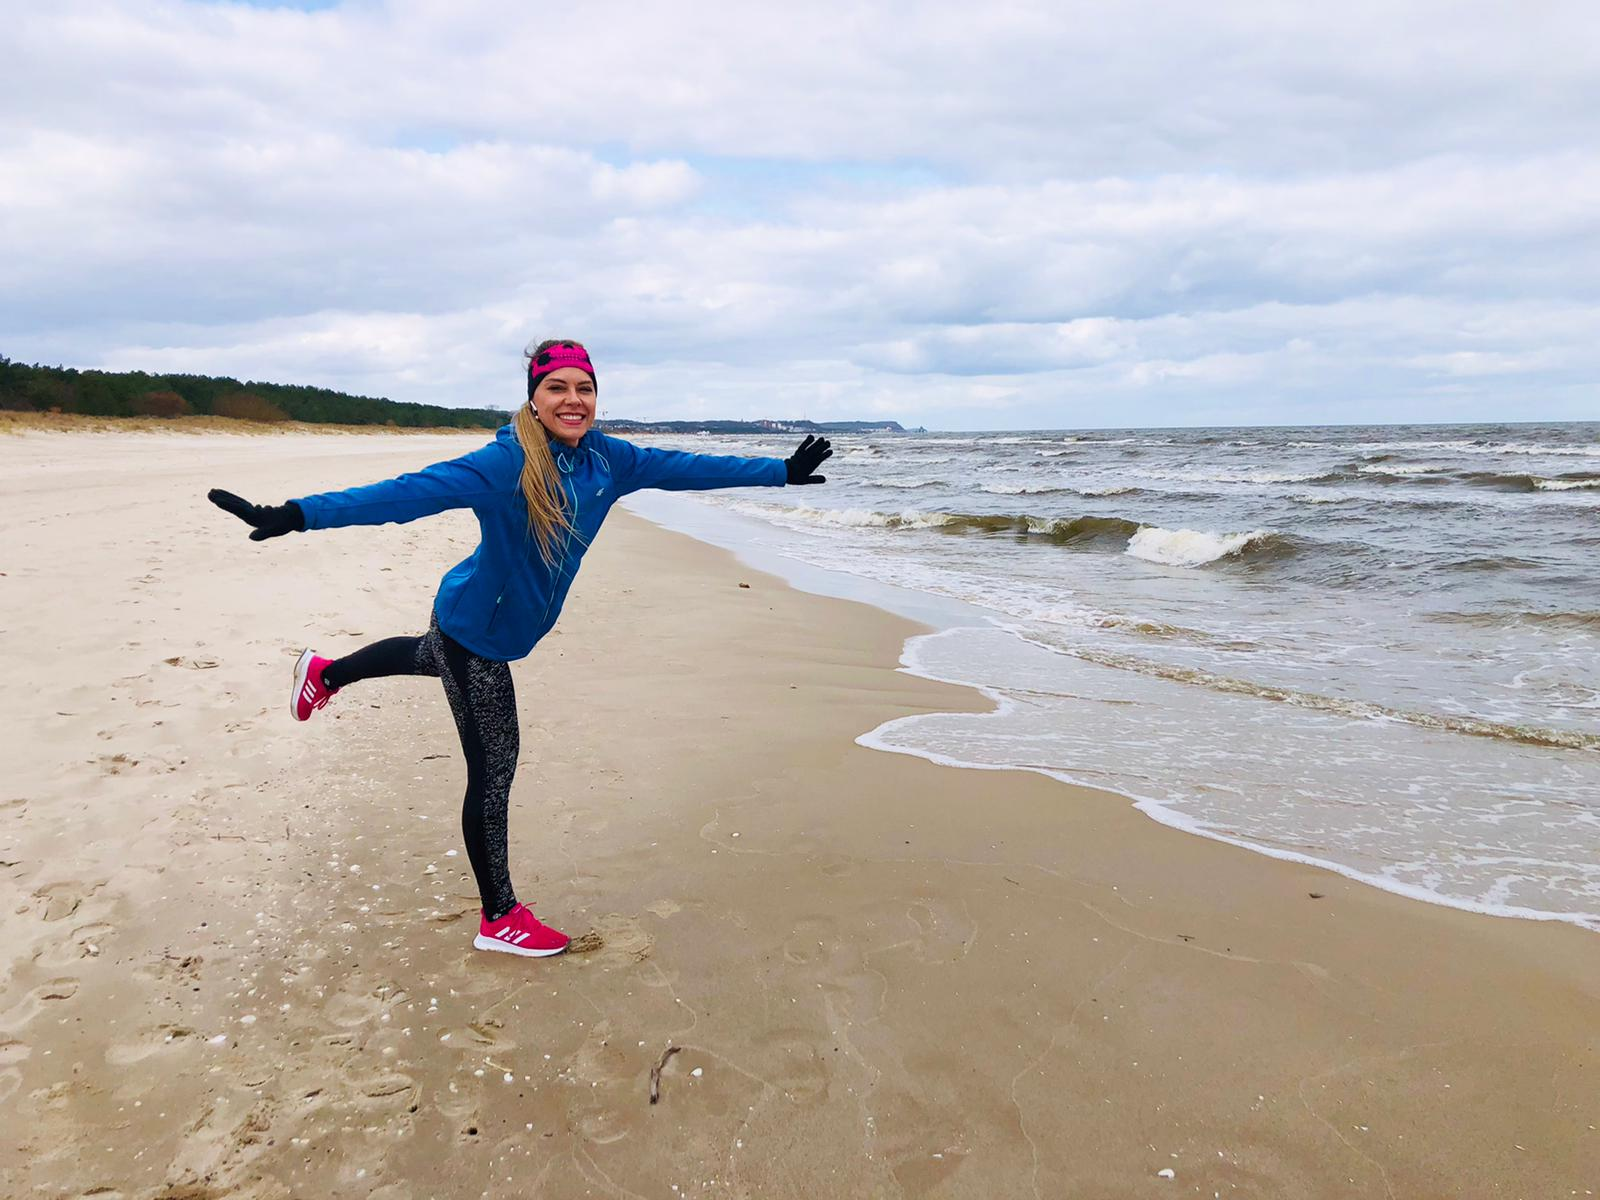 bieganie nad morzem